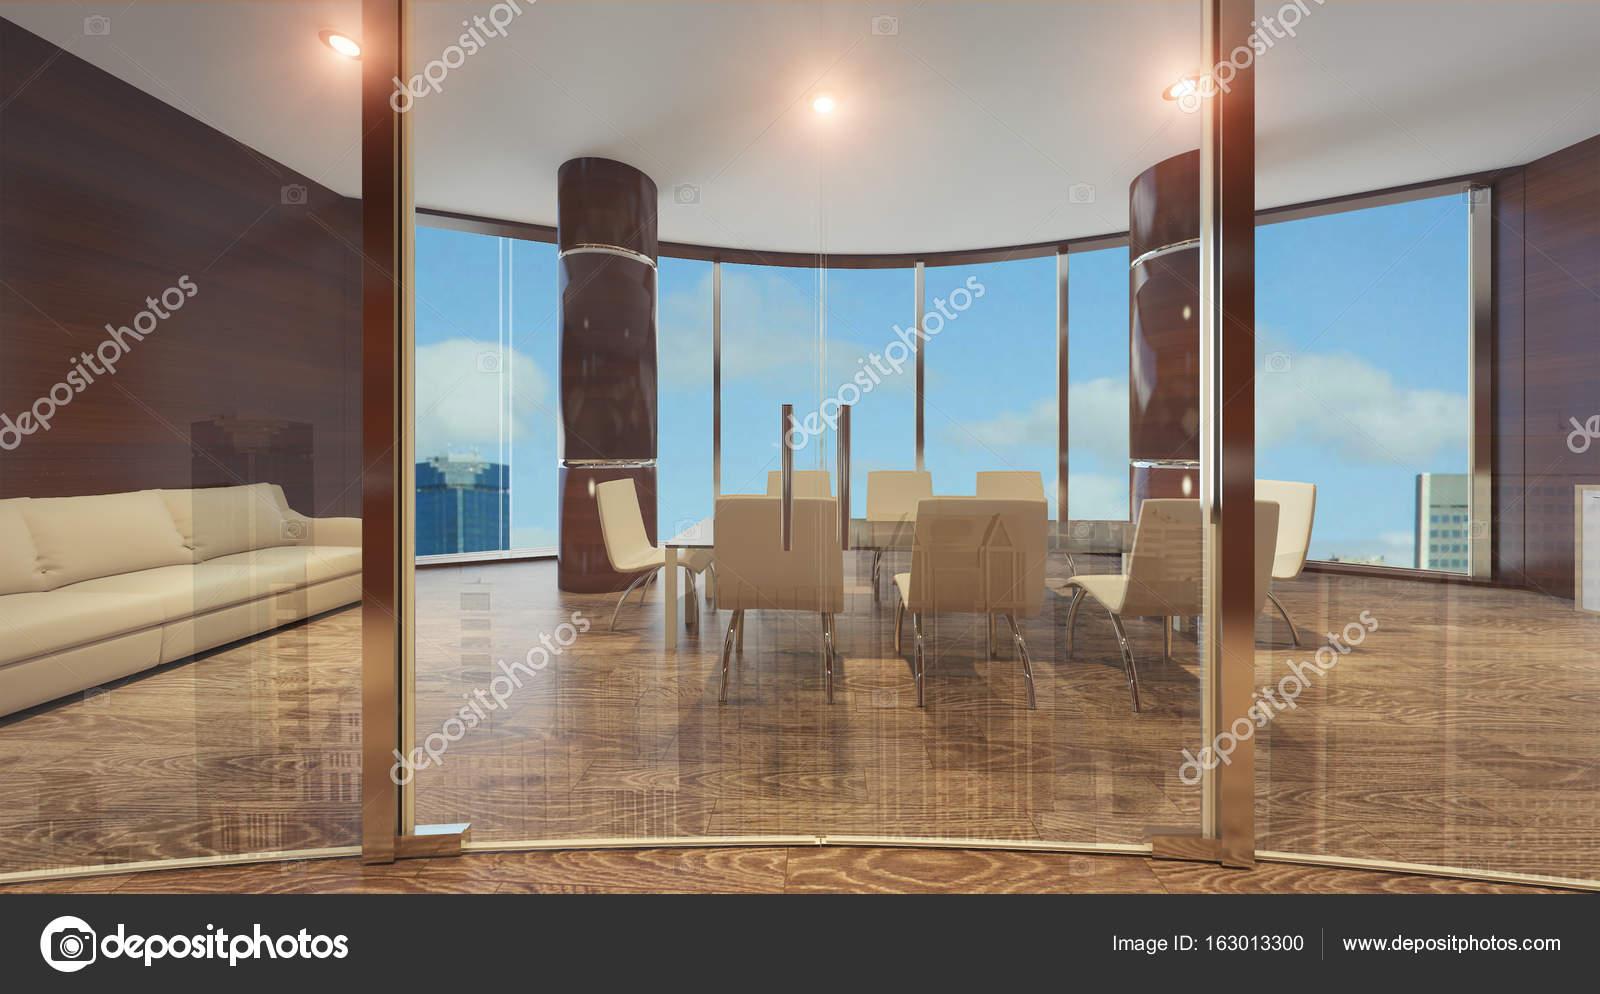 Cloison de mur de verre dans les bureaux modernes u photographie